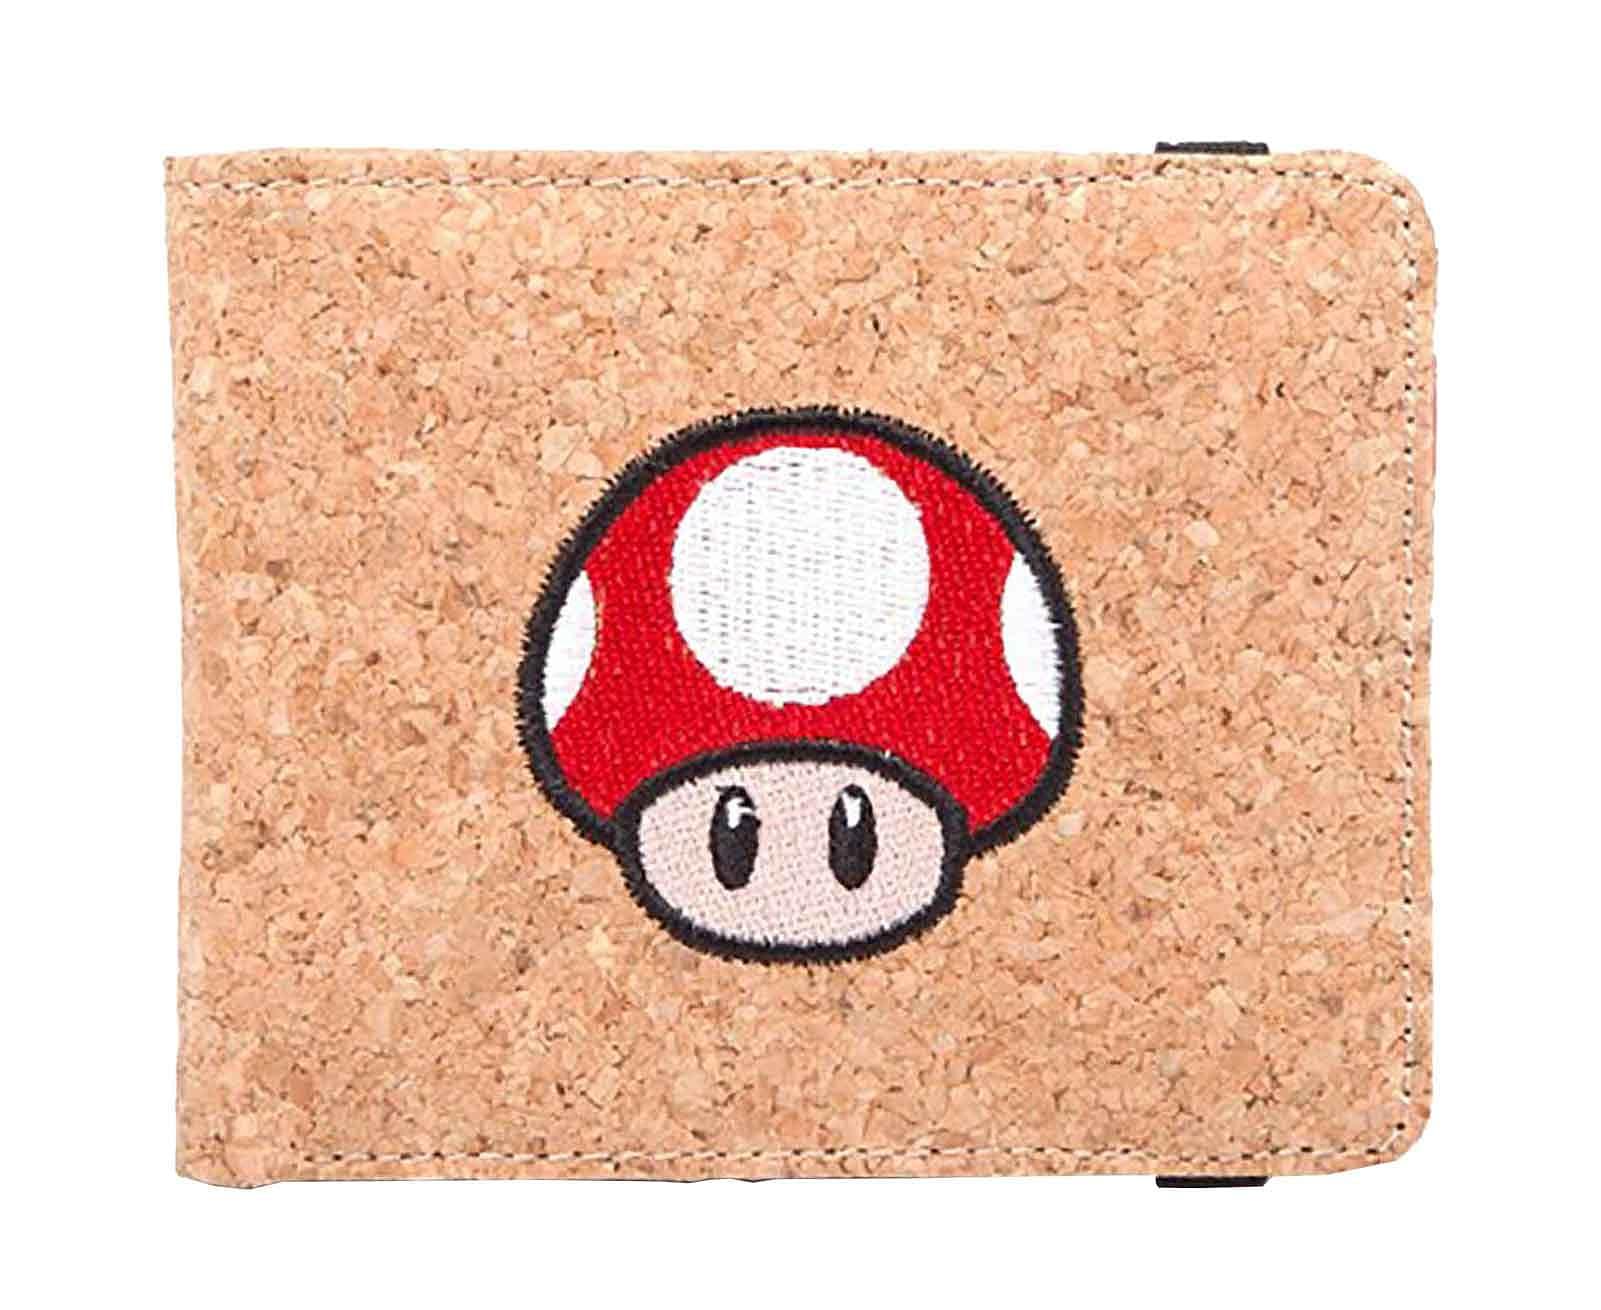 Buy Nintendo Wallet Super Mario Mushroom Cork effect ...